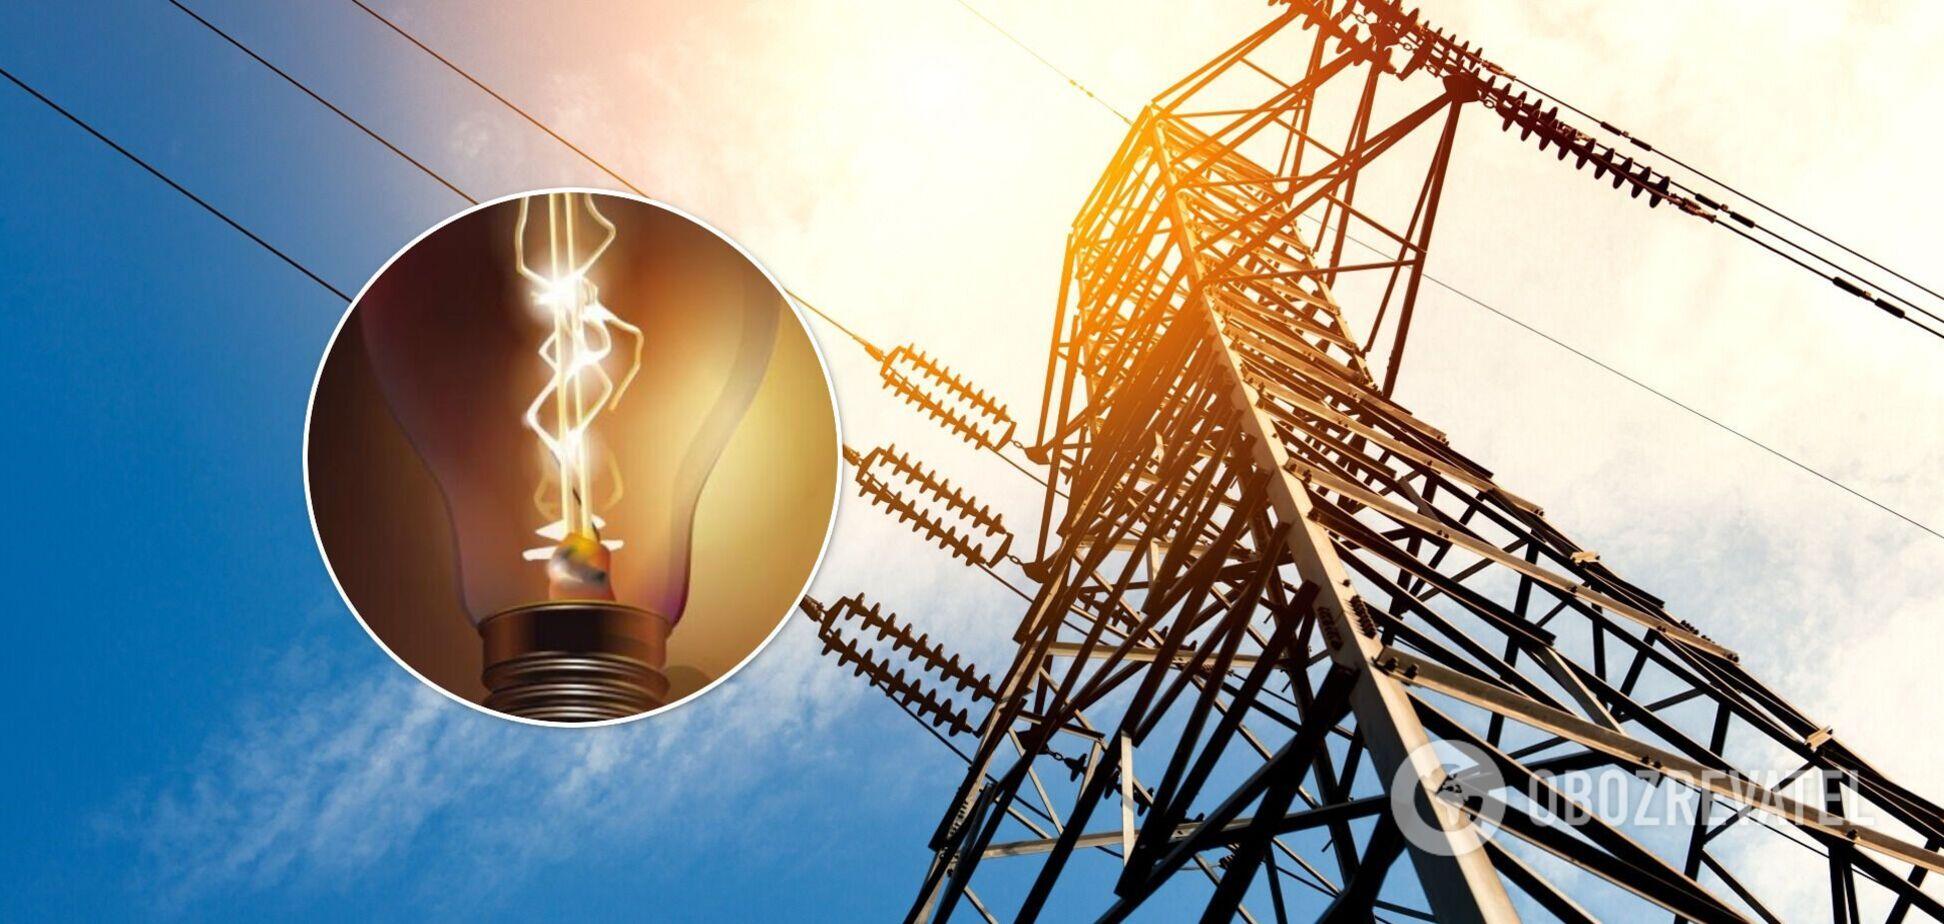 Скасування цінового обмеження на внутрішньодобовому ринку може негативно вплинути на фінансовий стан виробників електроенергії